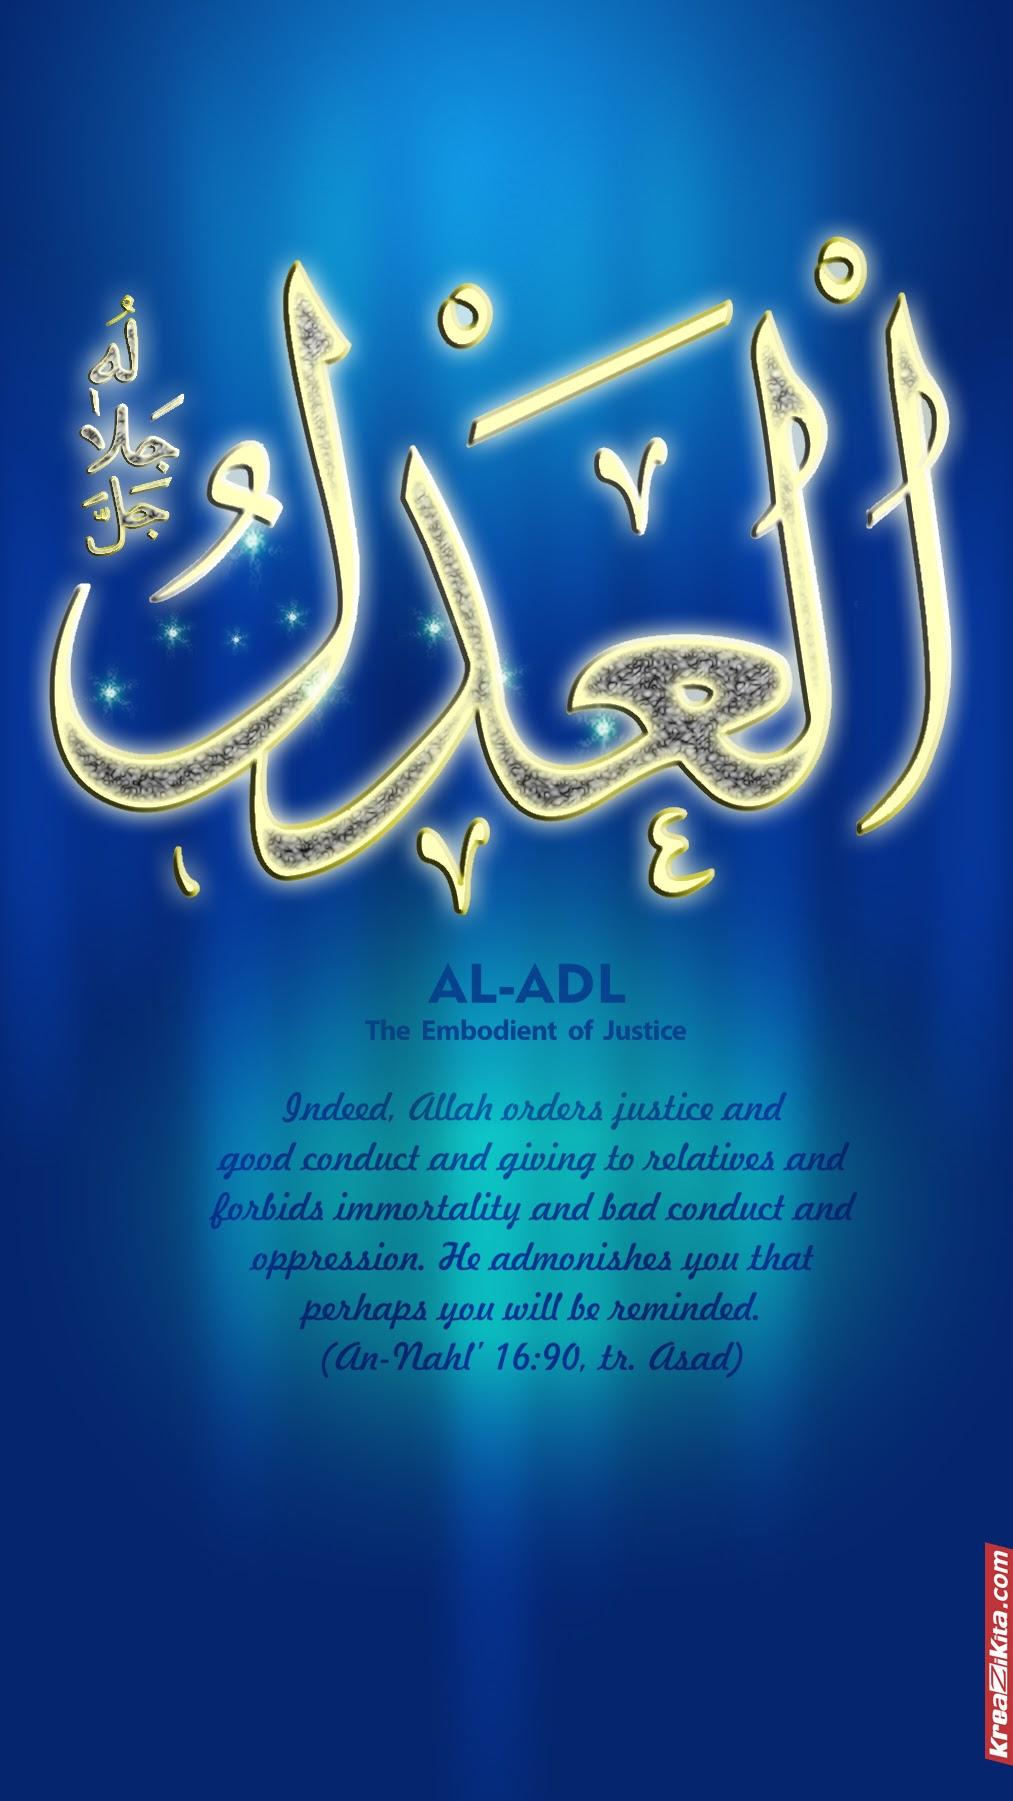 Al Adl Asmaul Husna : asmaul, husna, Wallpaper, Design, ASMAUL, HUSNA